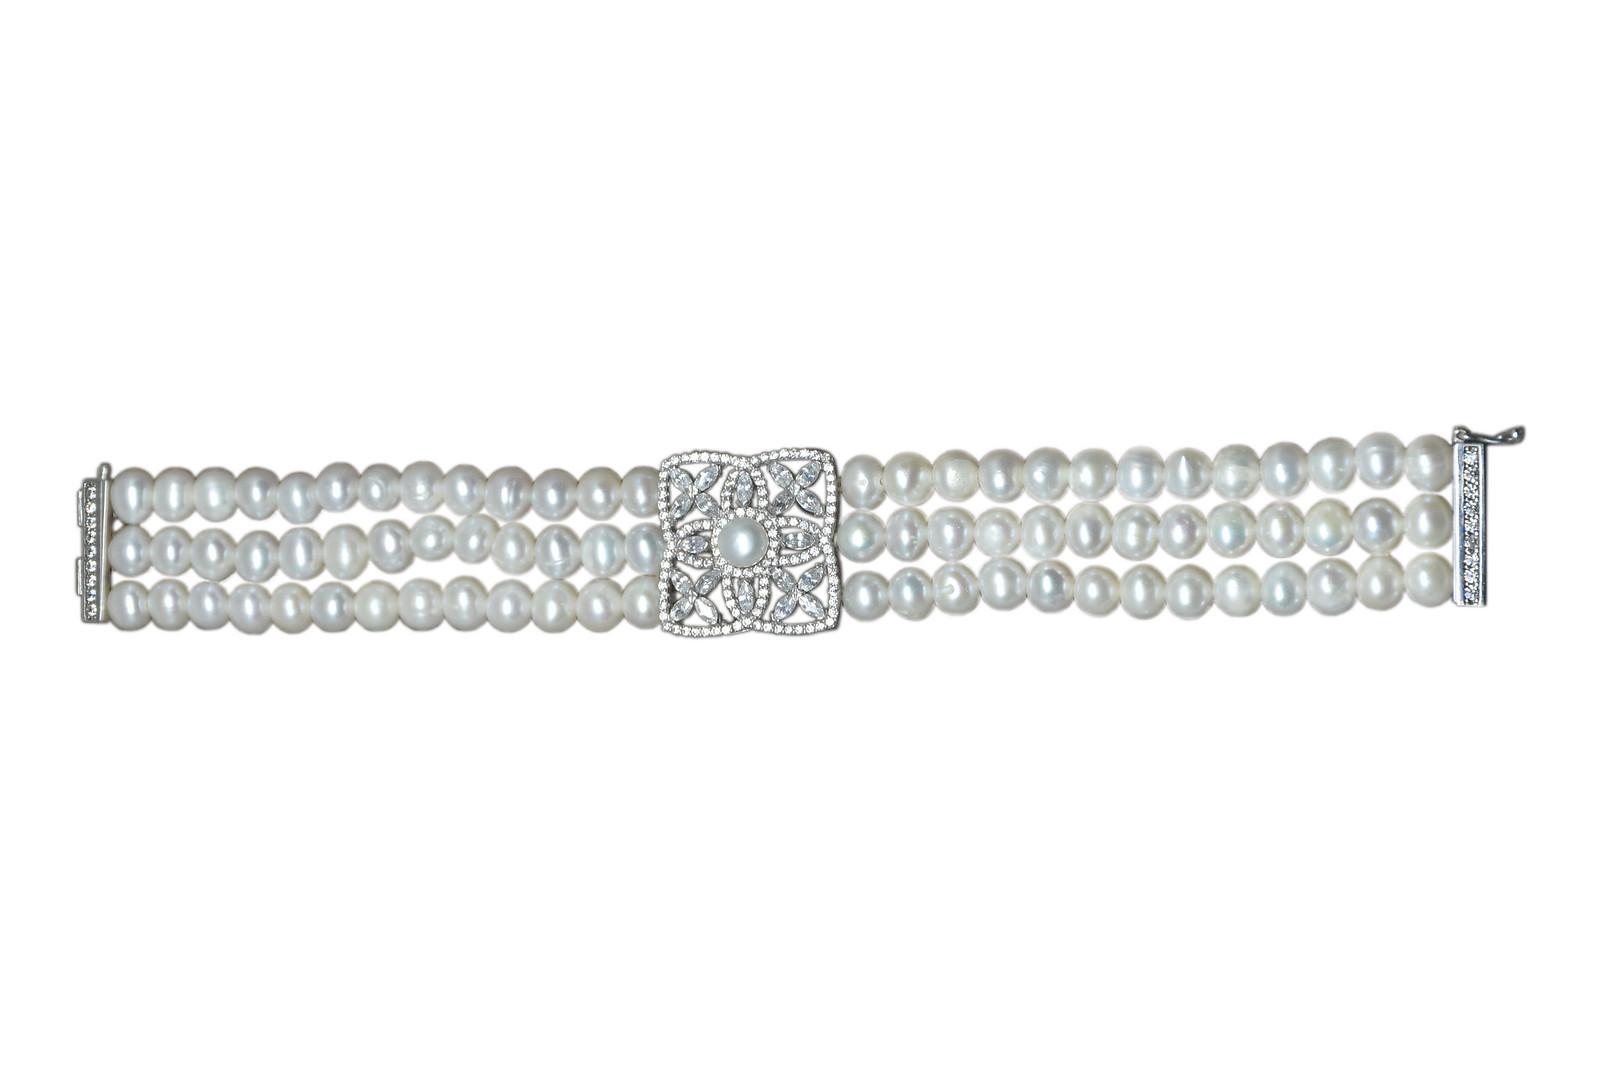 - Ahsen 925K Gümüş Klipsli 3 Sıra Doğal Beyaz inci Bileklik AH-00095